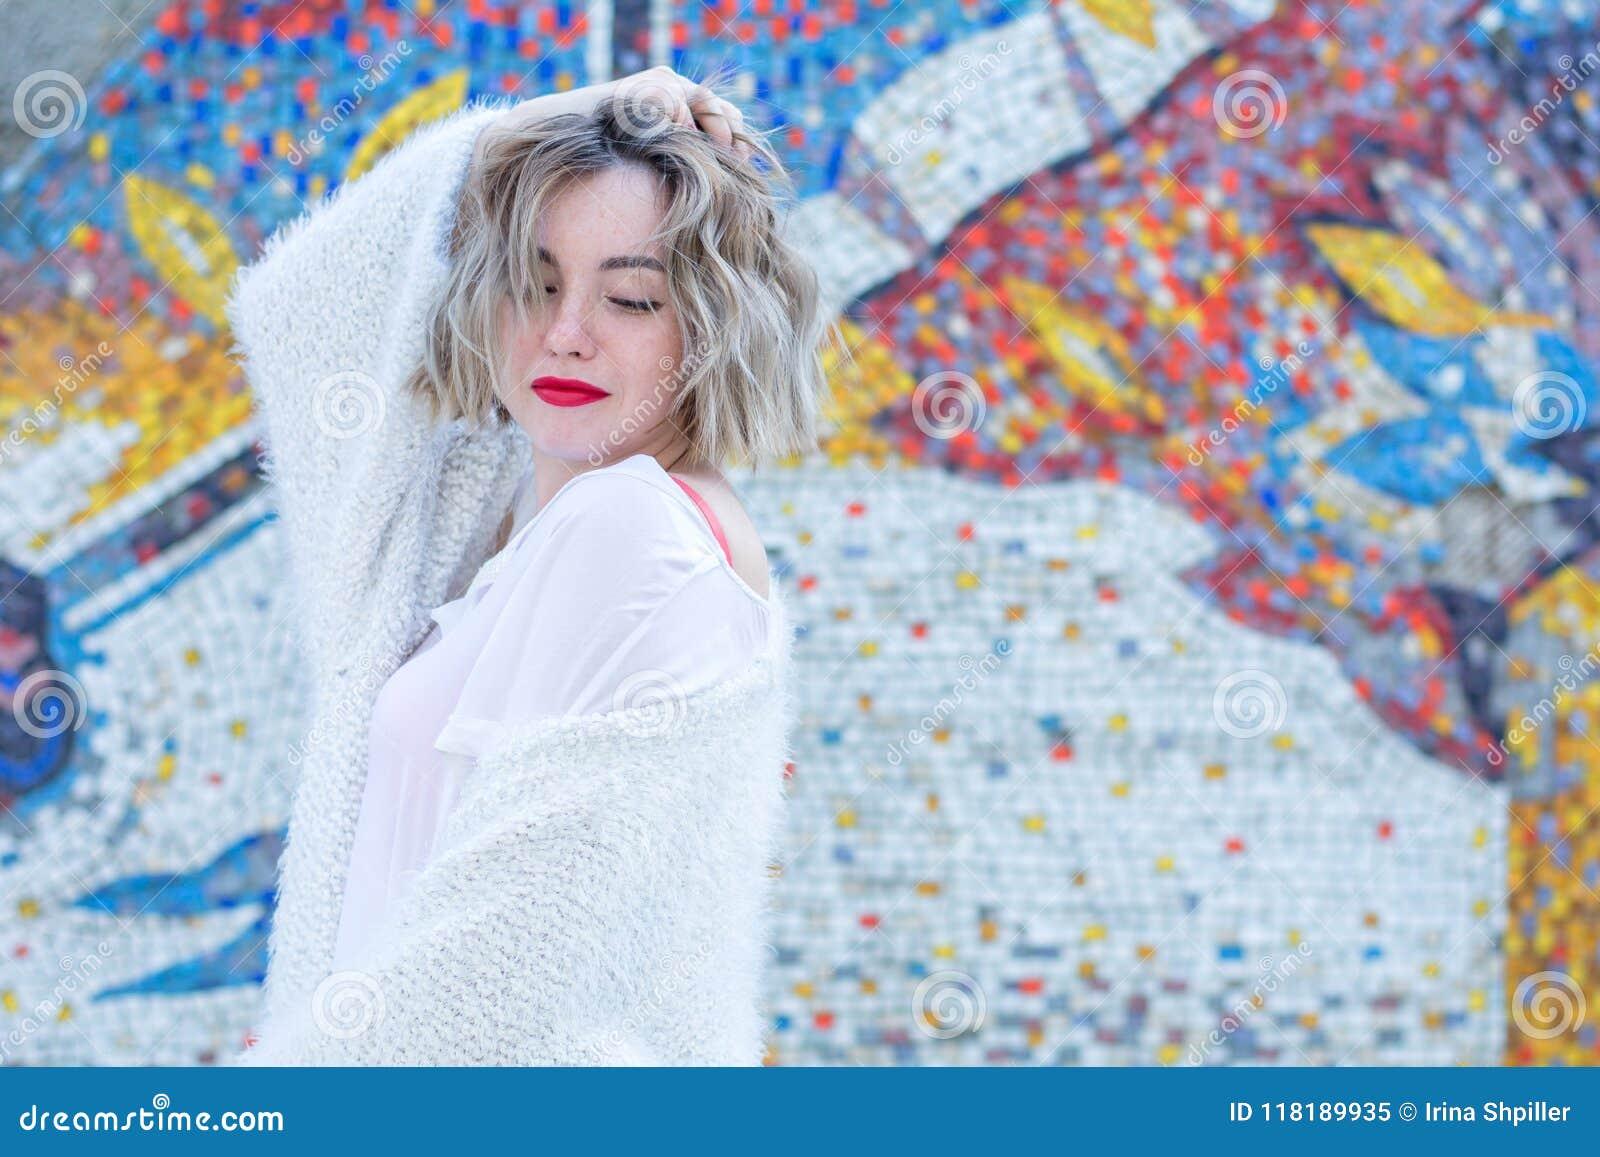 Młoda atrakcyjna piegowata kobieta chodzi pozować w ulicie z czerwonymi wargami w białych przypadkowych ubraniach